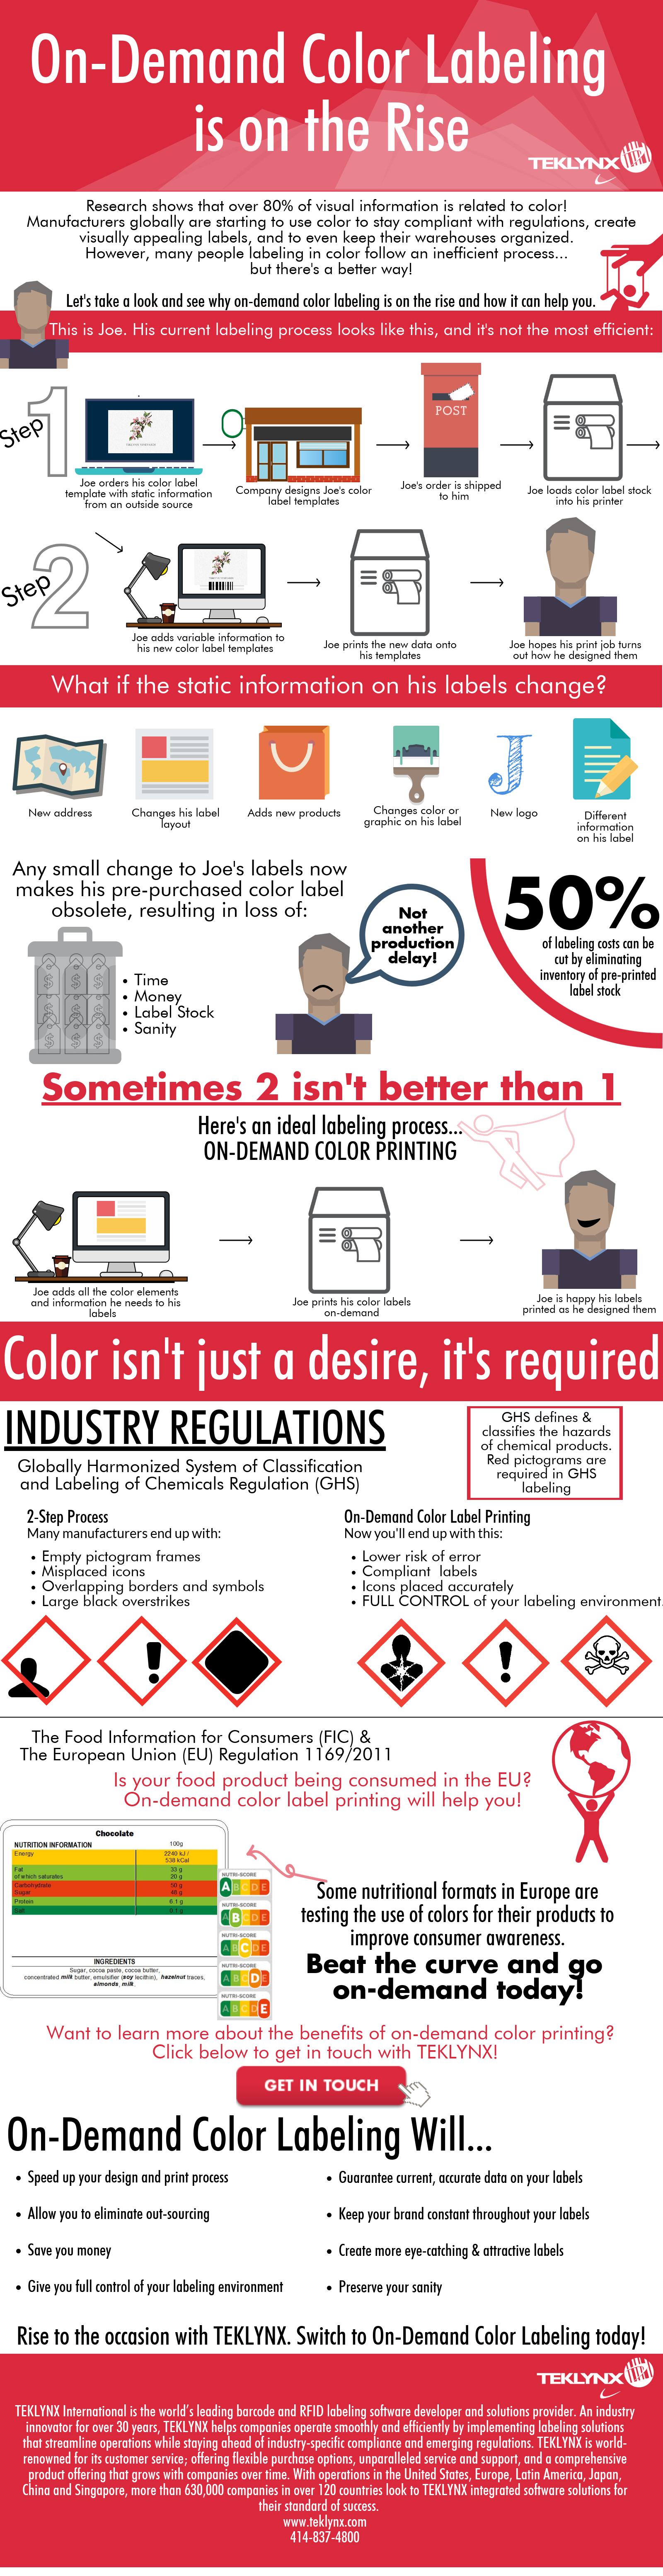 Nhu cầu Ghi nhãn Màu sắc theo Yêu cầu ngày càng tăng